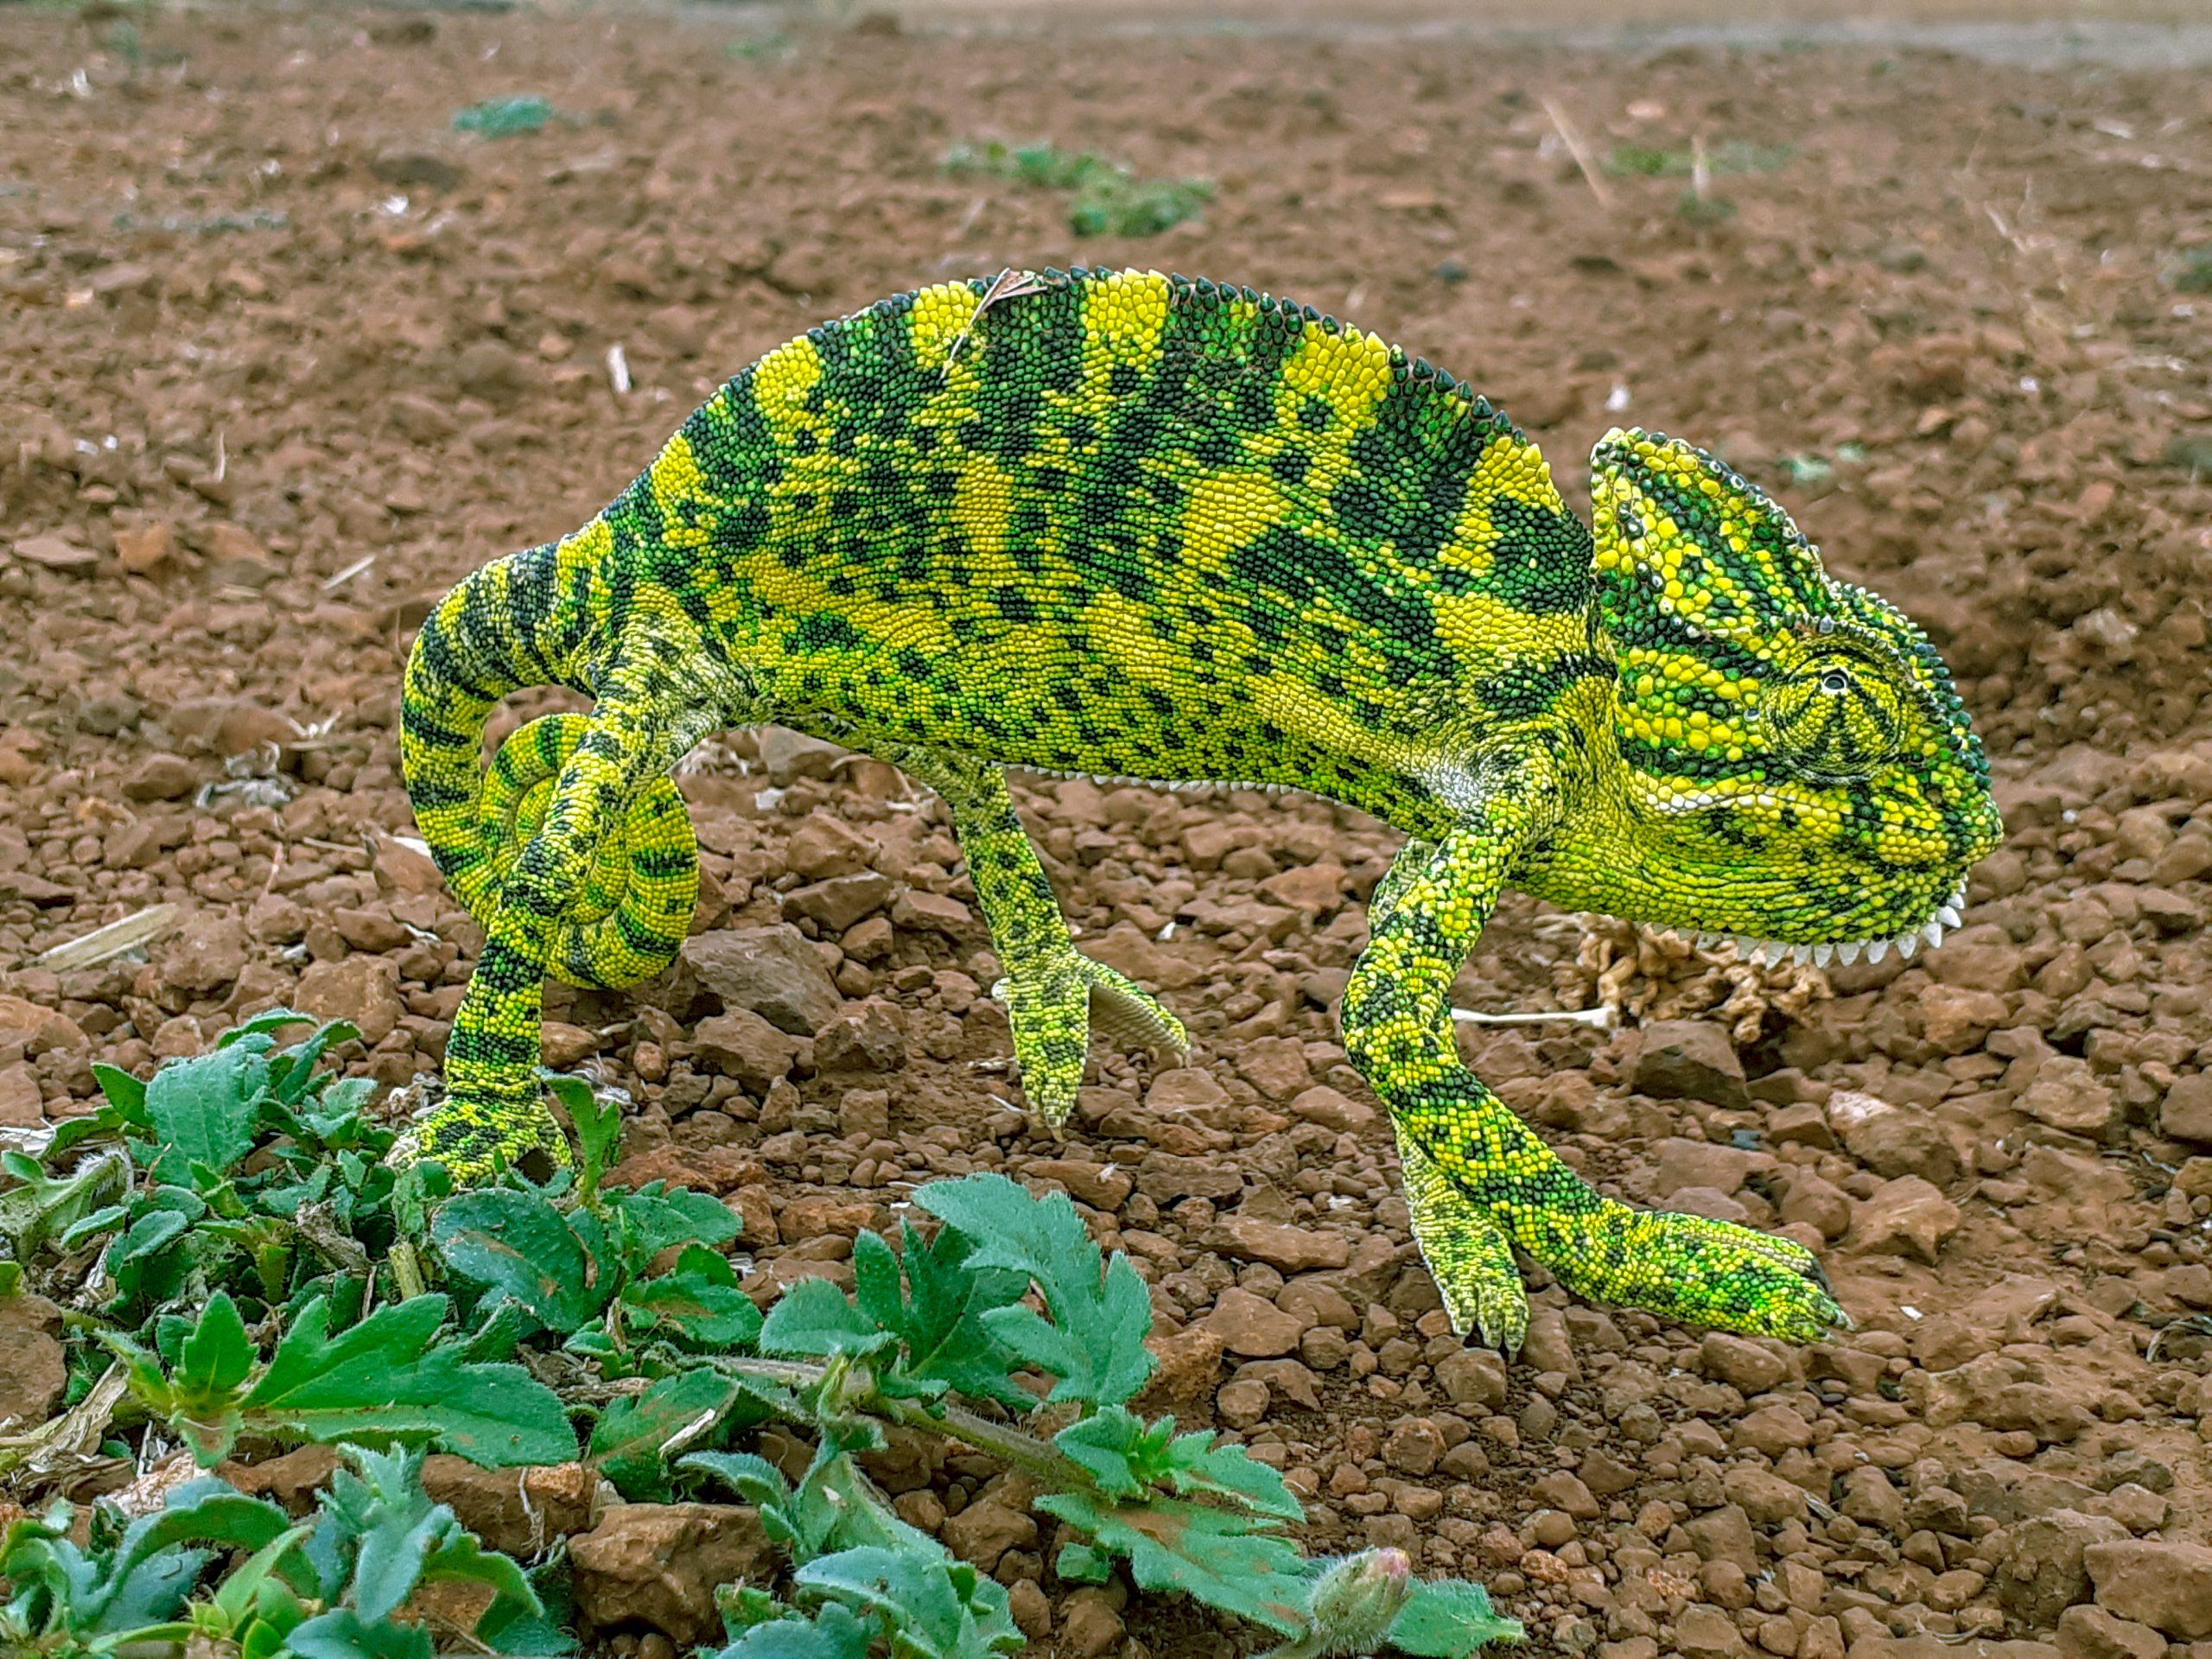 A chameleon lizard